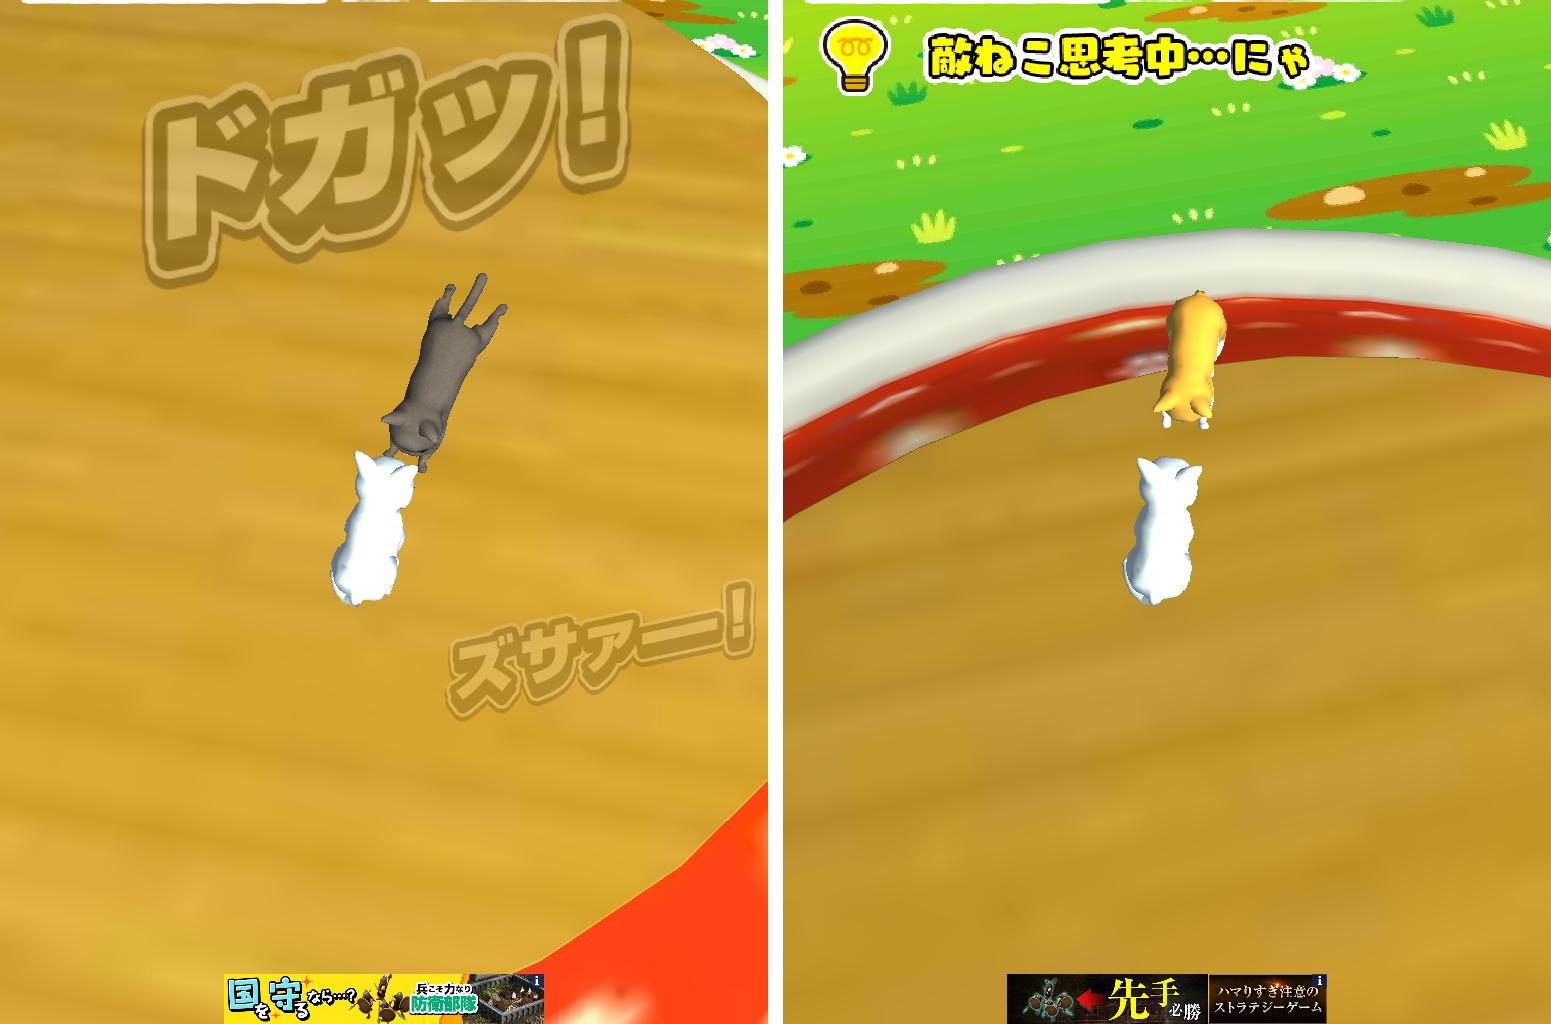 ねこズサァァァー!! androidアプリスクリーンショット1